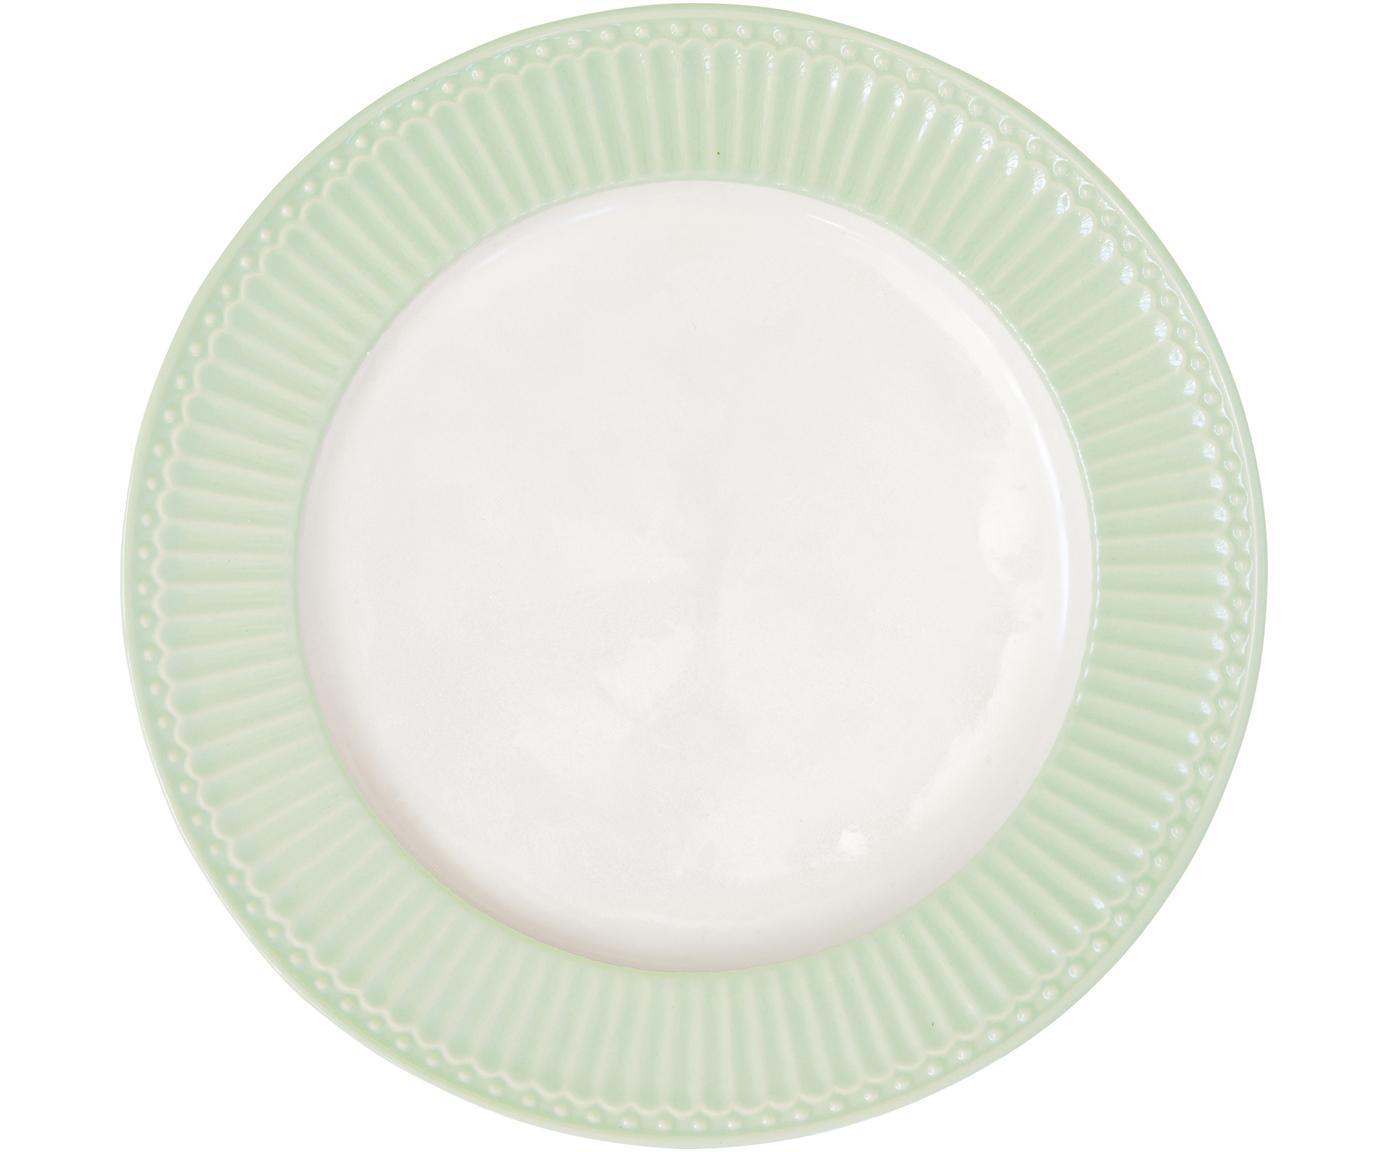 Handgefertigte Speiseteller Alice in Pastellgrün mit Reliefdesign, 2 Stück, Steingut, Mintgrün, Weiß, Ø 27 cm